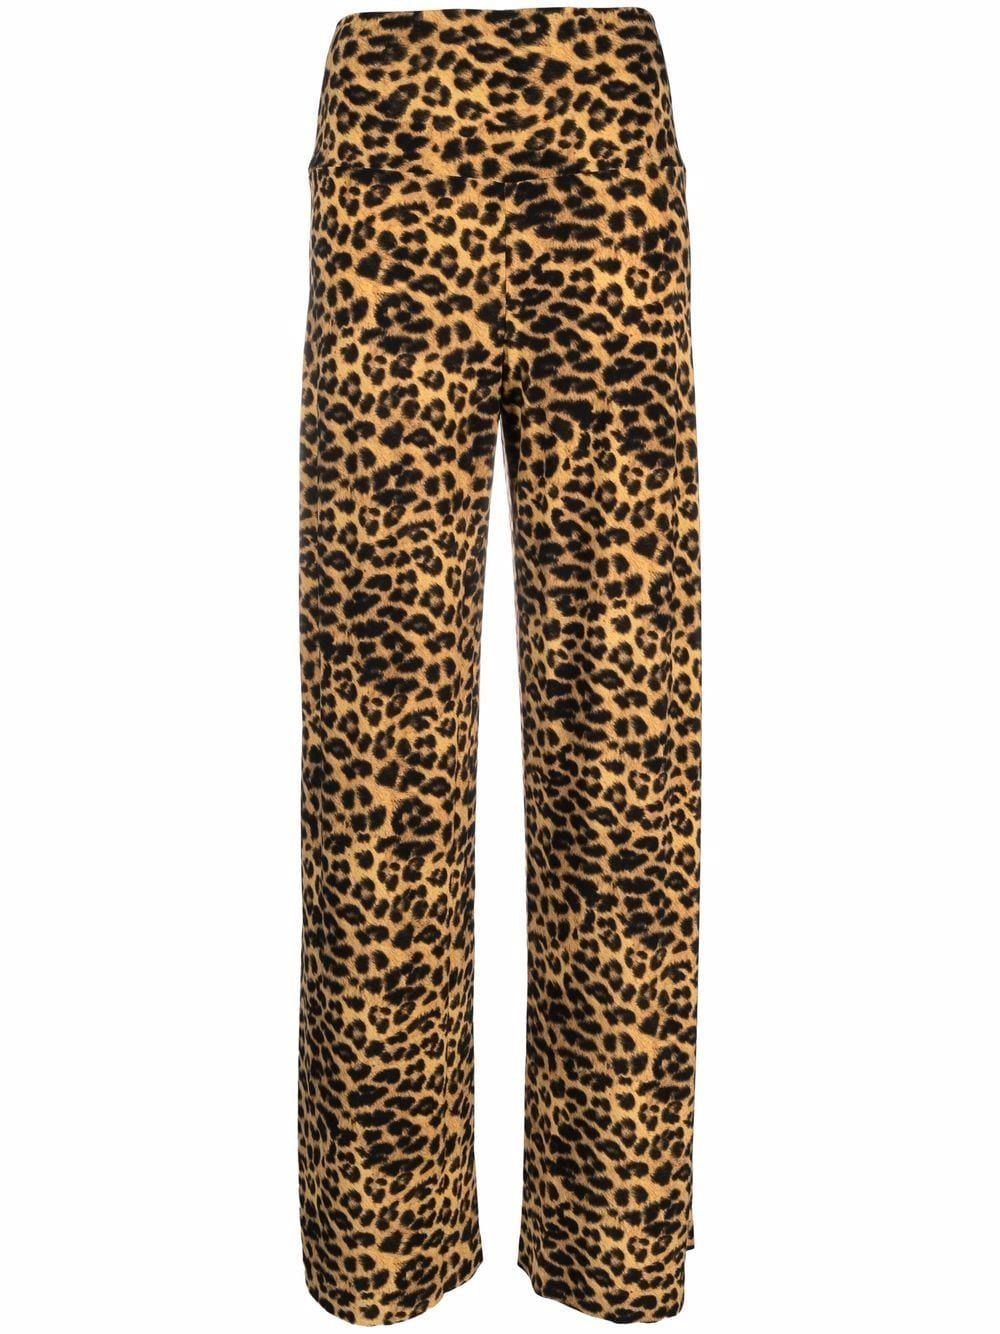 Pantalone stretto leopardato